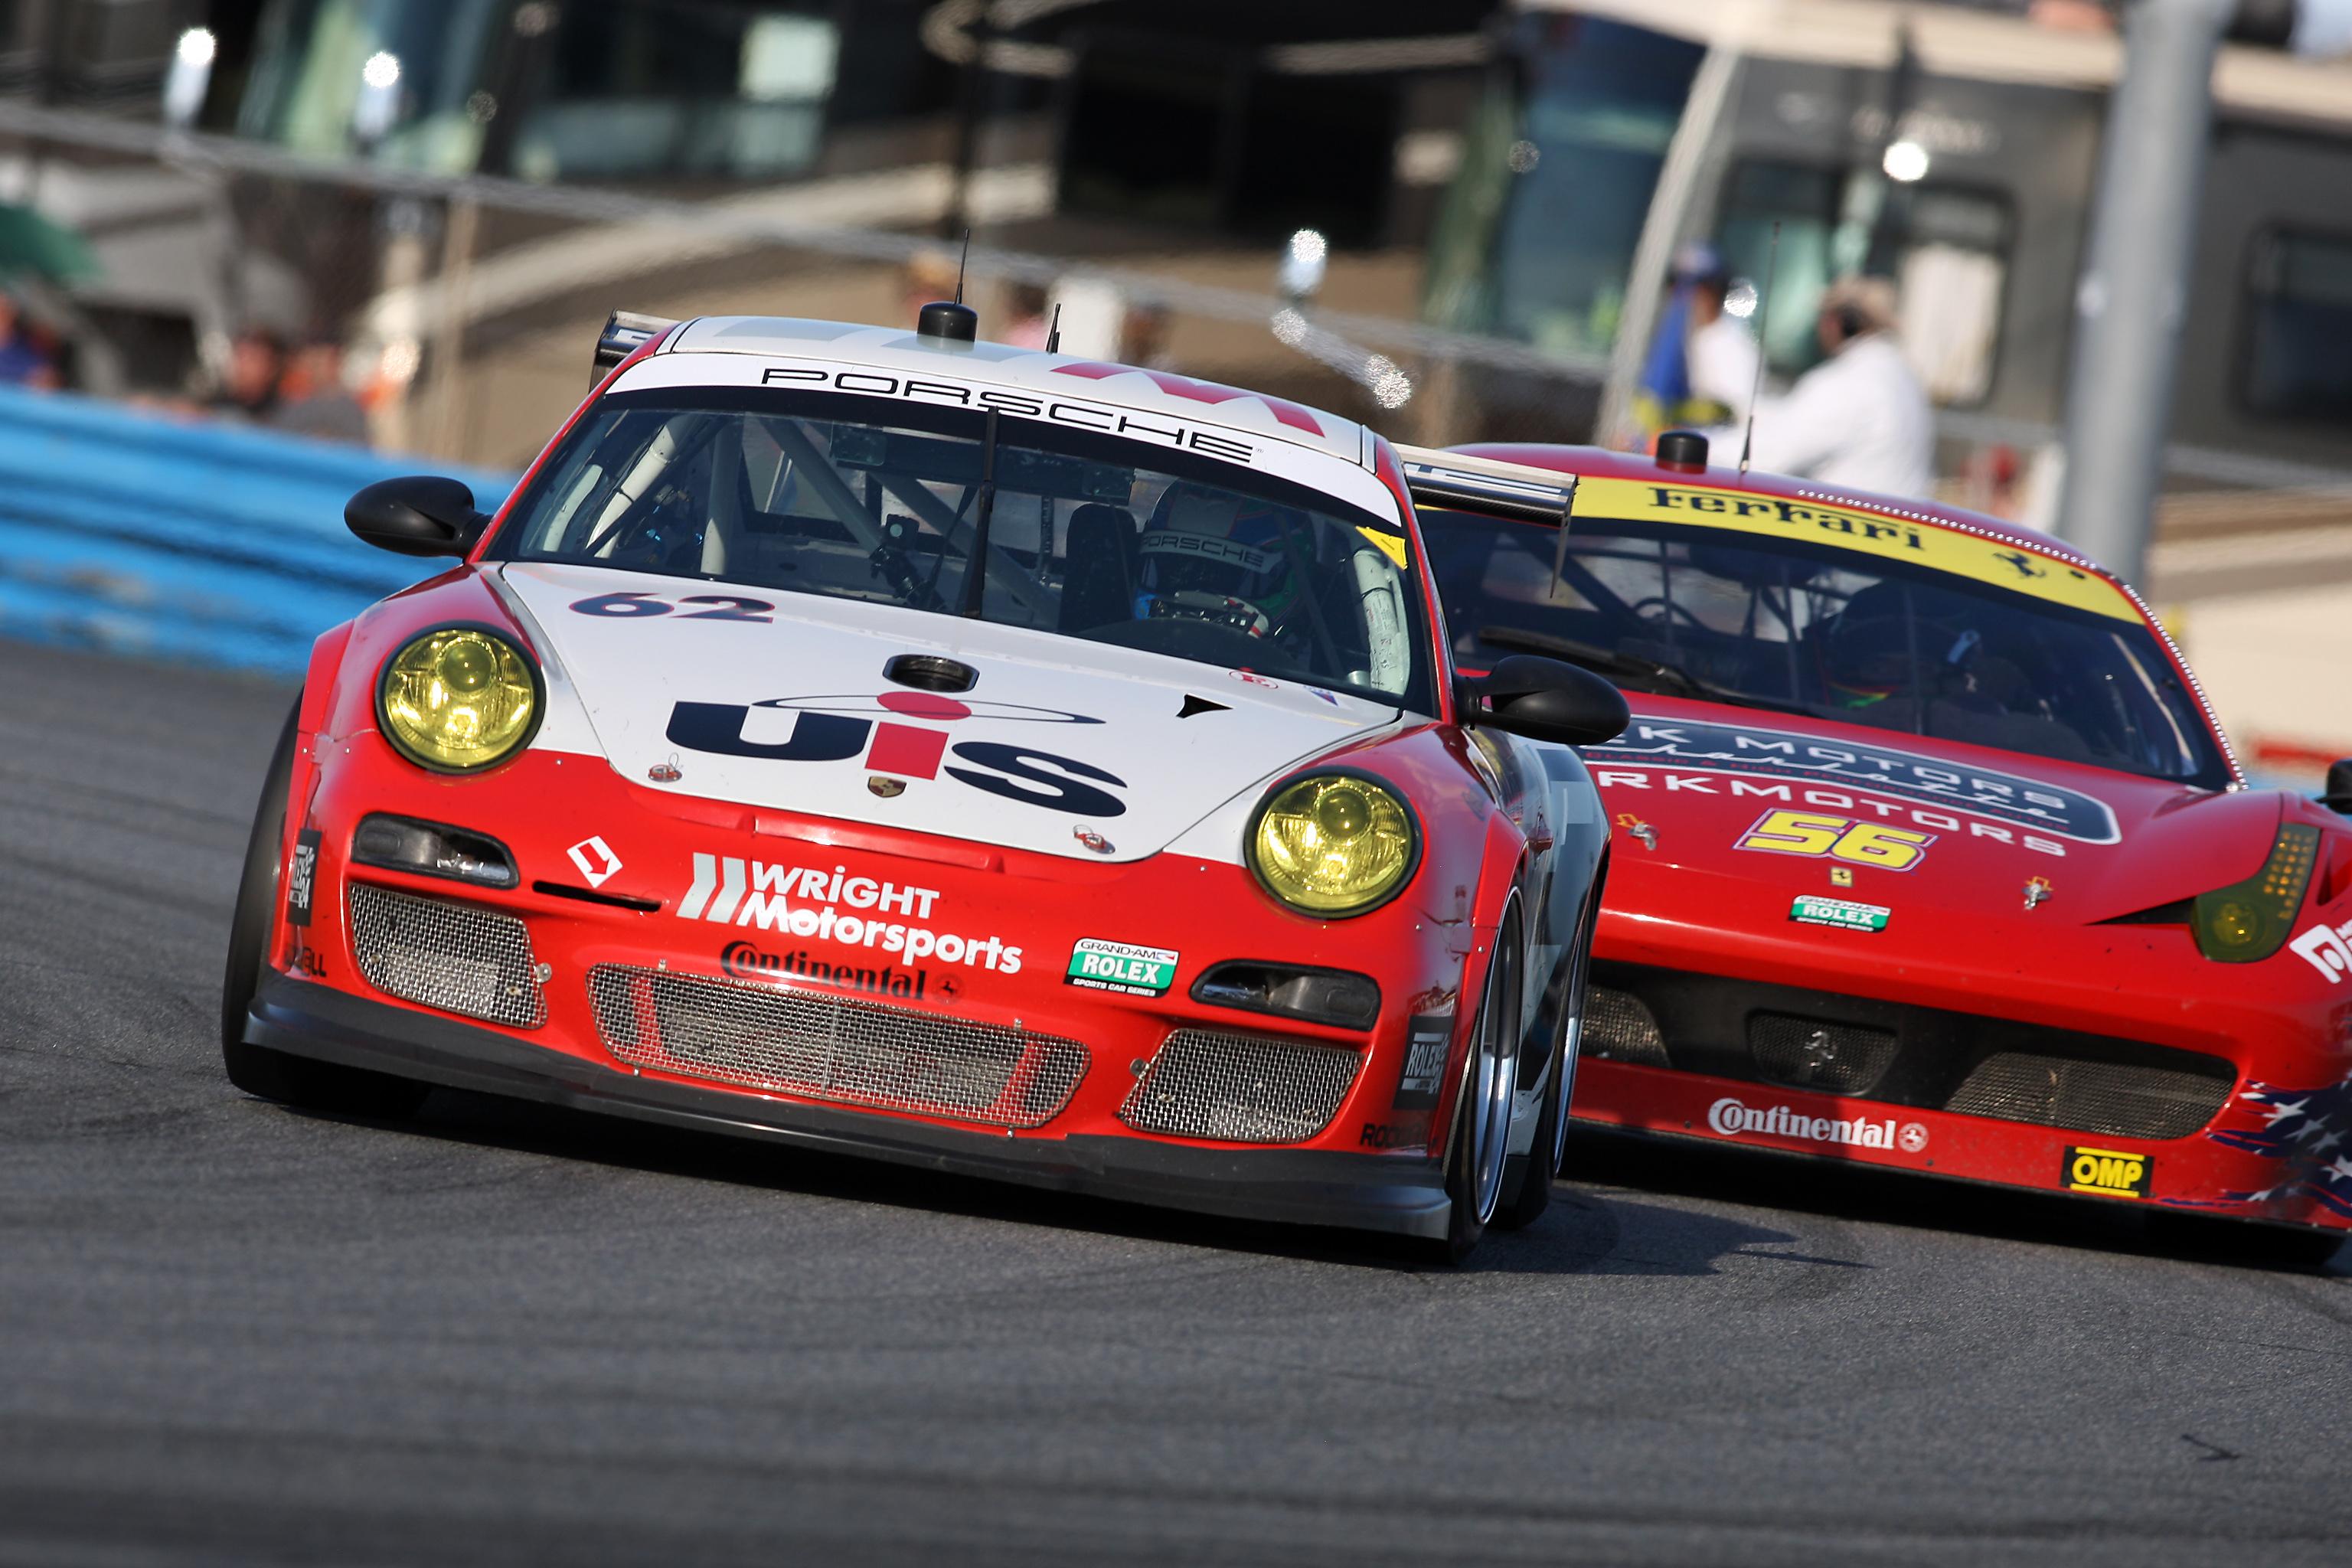 Porsche 911 GT3 Cup | Porsche Everyday Dedeporsches Blog on porsche 911 twin turbo, porsche 911 rally, porsche 911 girls, porsche 911 black edition, porsche 911 rs, porsche 911 carrera 4, porsche 911 gt2, porsche 911 cup car, porsche 911 vehicle, porsche cayman gt4, porsche 911 swimsuit, porsche 911 gt1, porsche rs spyder, porsche 911 race, porsche 996 gt3, porsche 911 replica, porsche 911 models, porsche 911 carrera rsr,